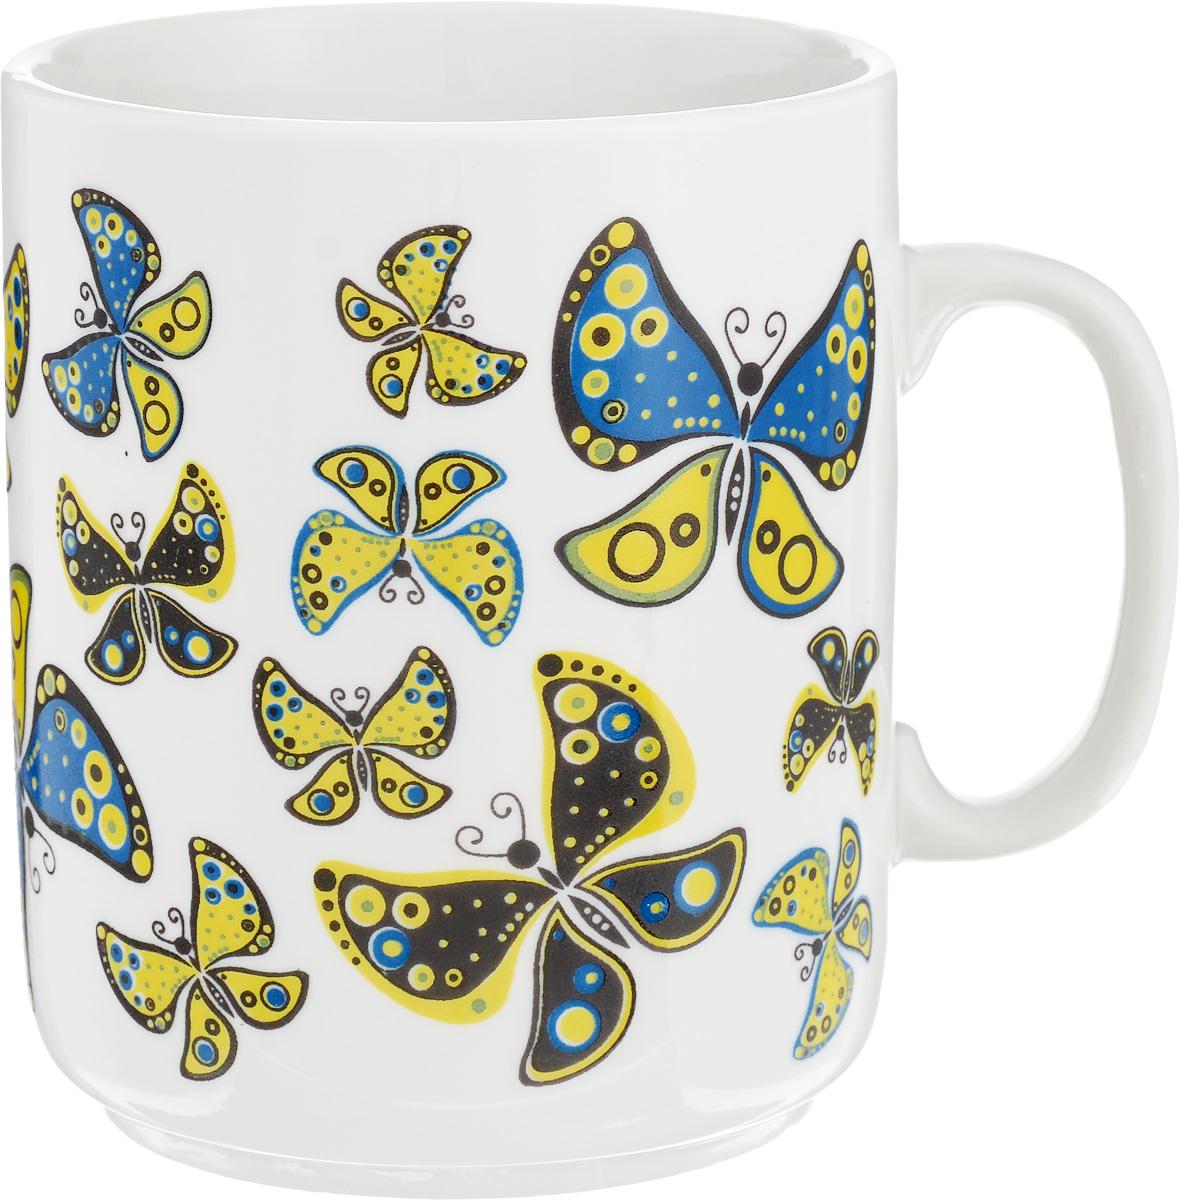 Кружка Фарфор Вербилок Солнечные бабочки, 300 мл115510Красивая кружка Фарфор Вербилок Солнечные бабочки способна скрасить любое чаепитие. Изделие выполнено из высококачественного фарфора. Посуда из такого материала позволяет сохранить истинный вкус напитка, а также помогает ему дольше оставаться теплым.Диаметр по верхнему краю: 7,5 см.